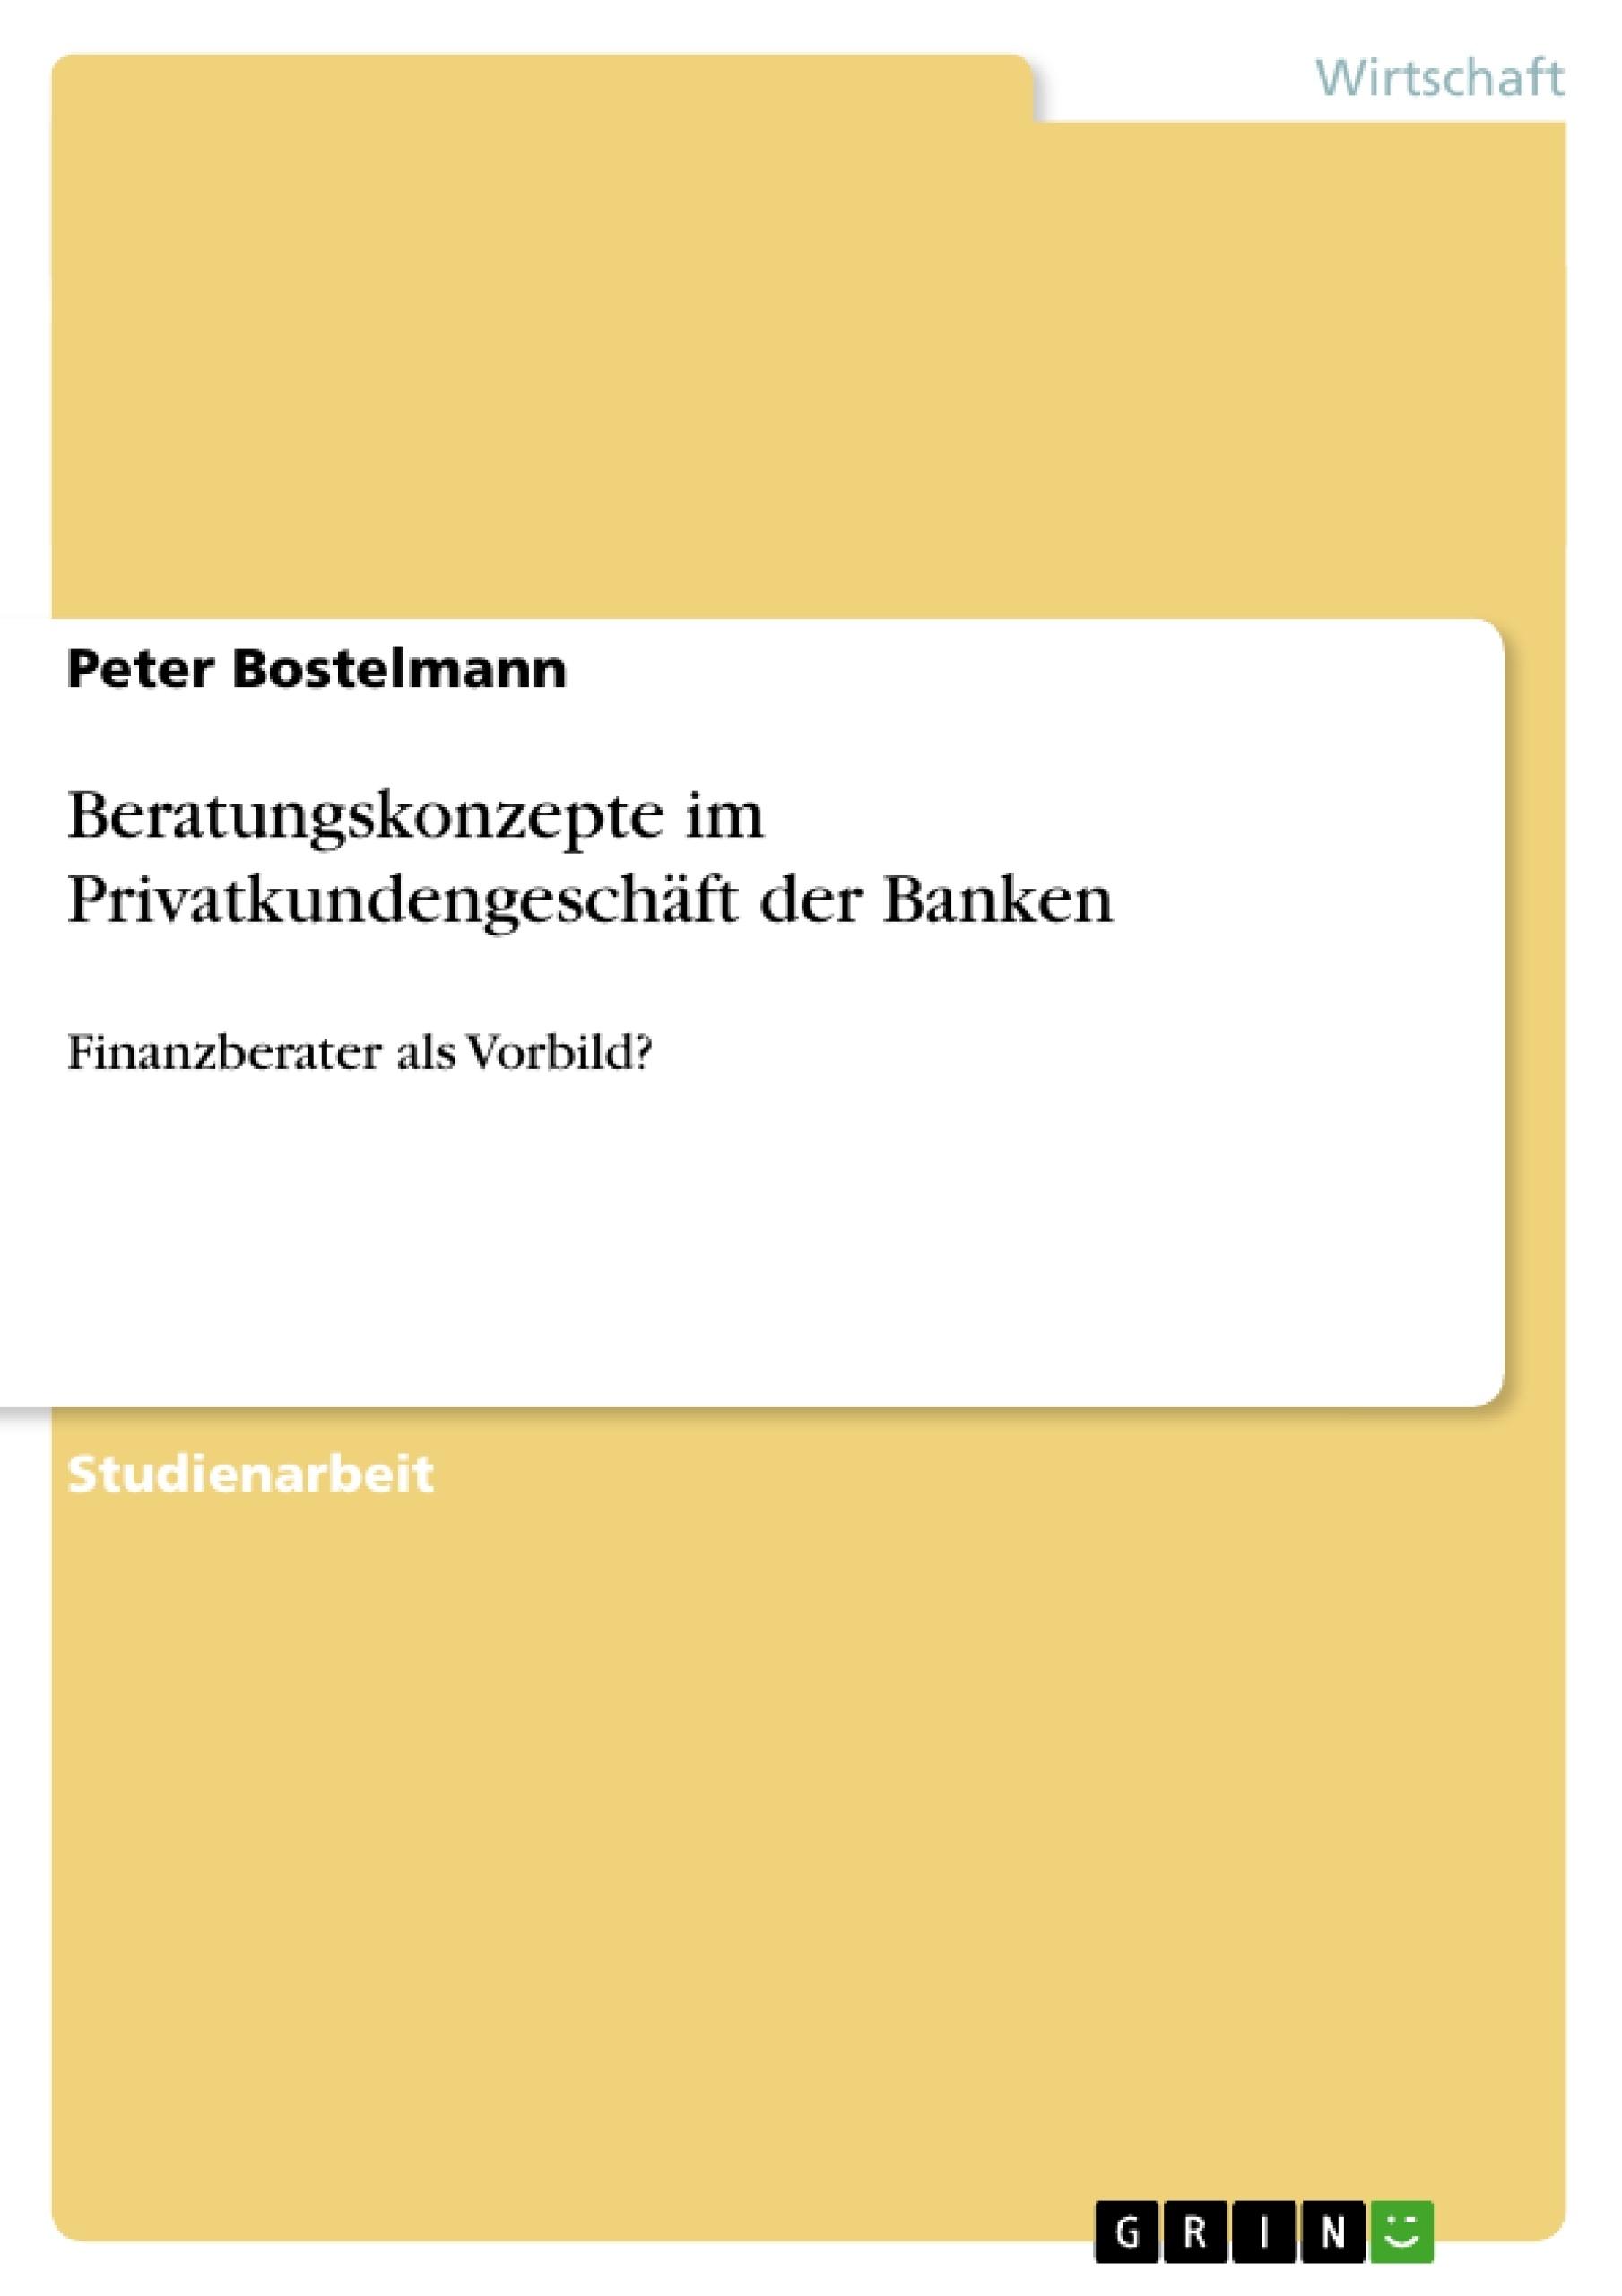 Titel: Beratungskonzepte im Privatkundengeschäft der Banken